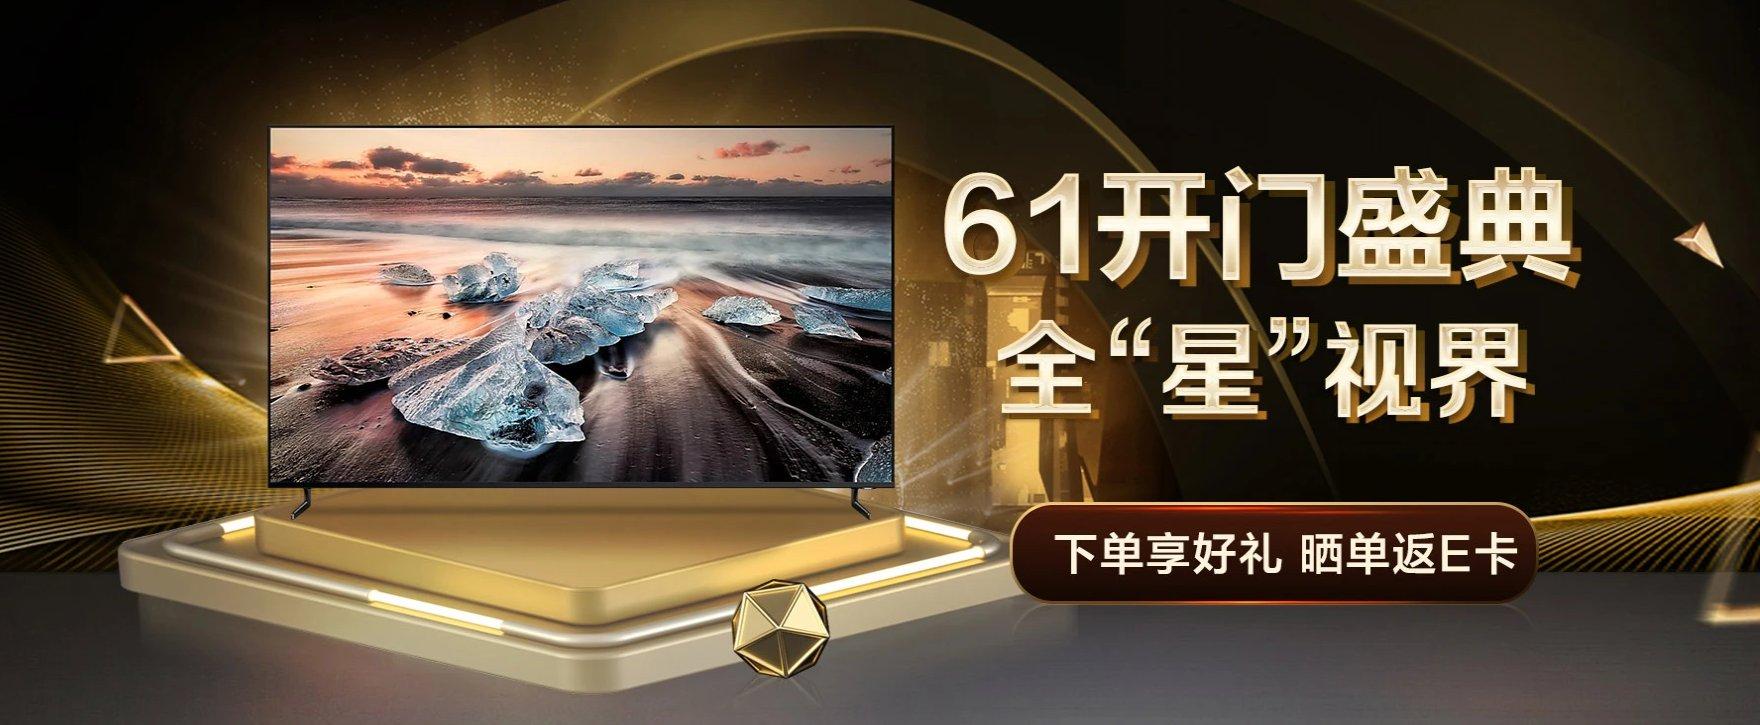 61开门盛典 三星推出Q6A、Q70、8K QLED系列电视优惠活动